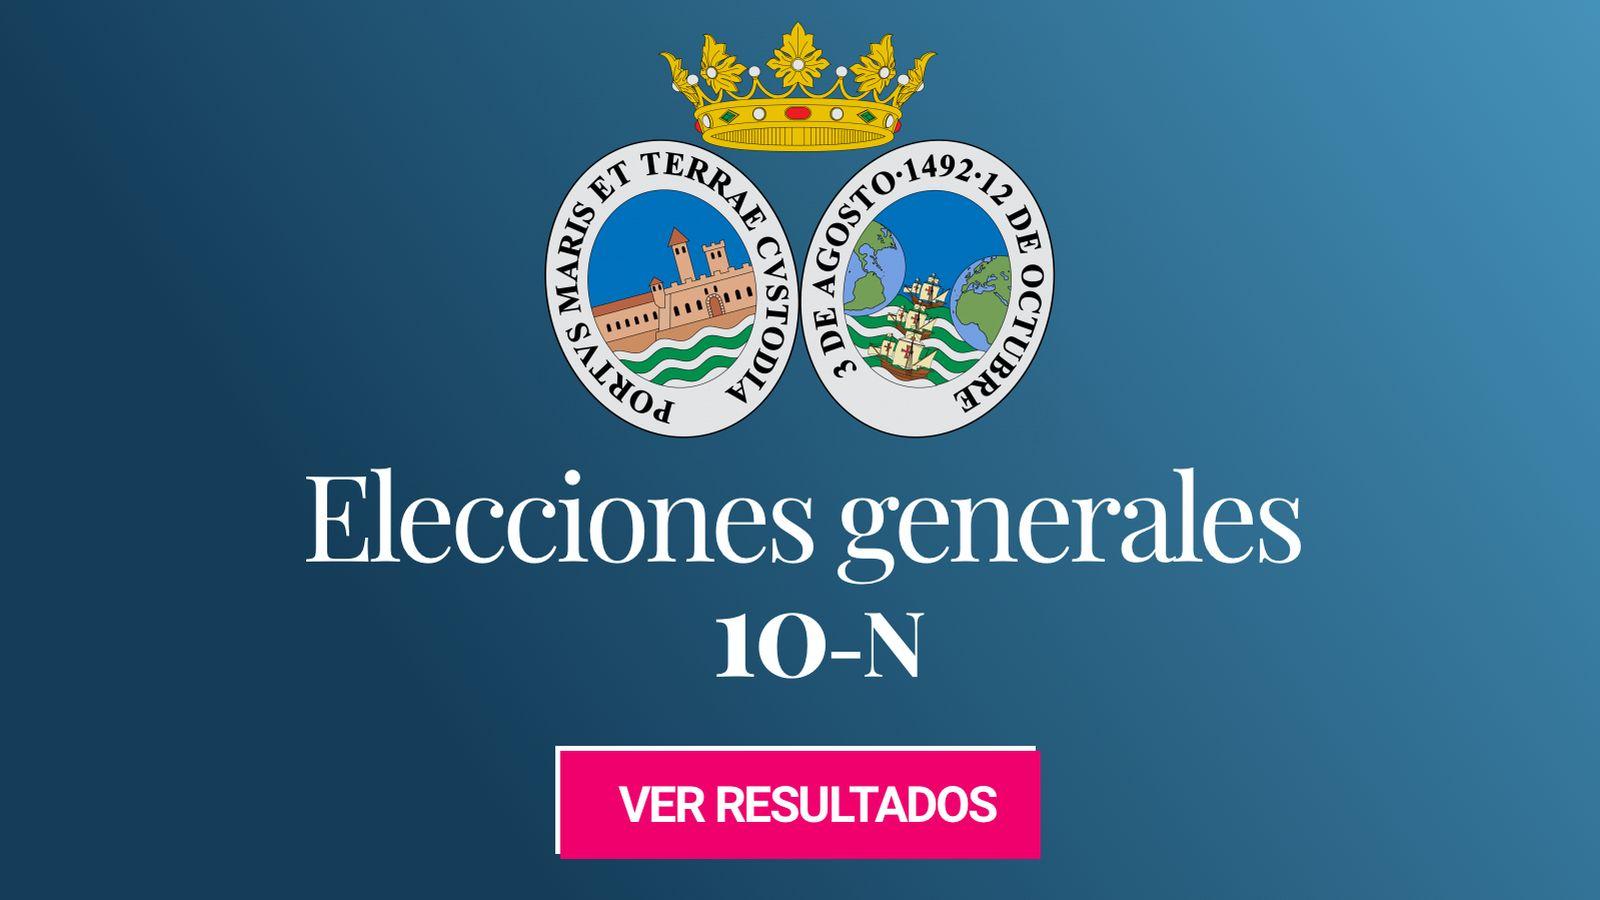 Foto: Elecciones generales 2019 en la provincia de Huelva. (C.C./HansenBCN)